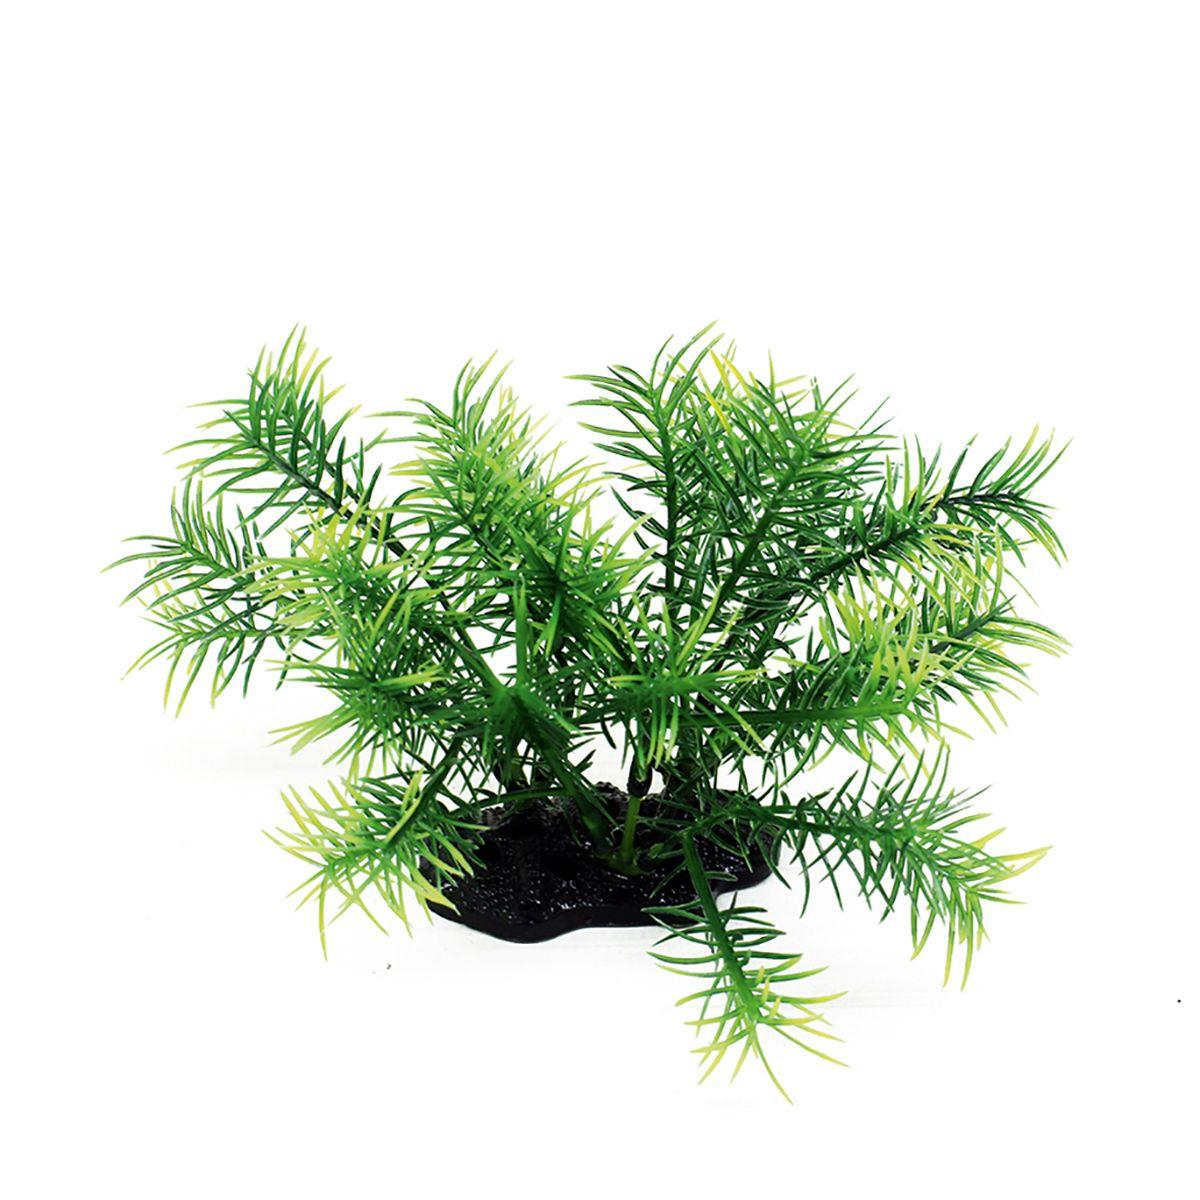 Растение для аквариума ArtUniq Погостемон Эректус, высота 10-12 см0120710Композиция из искусственных растений ArtUniq превосходно украсит и оживит аквариум.Растения - это важная часть любой композиции, они помогут вдохнуть жизнь в ландшафт любого аквариума или террариума. Лучше всего это сделают яркие и сочные цвета искусственных растений серии ArtPlants. А их сходствос природными порадует даже самых взыскательных ценителей.